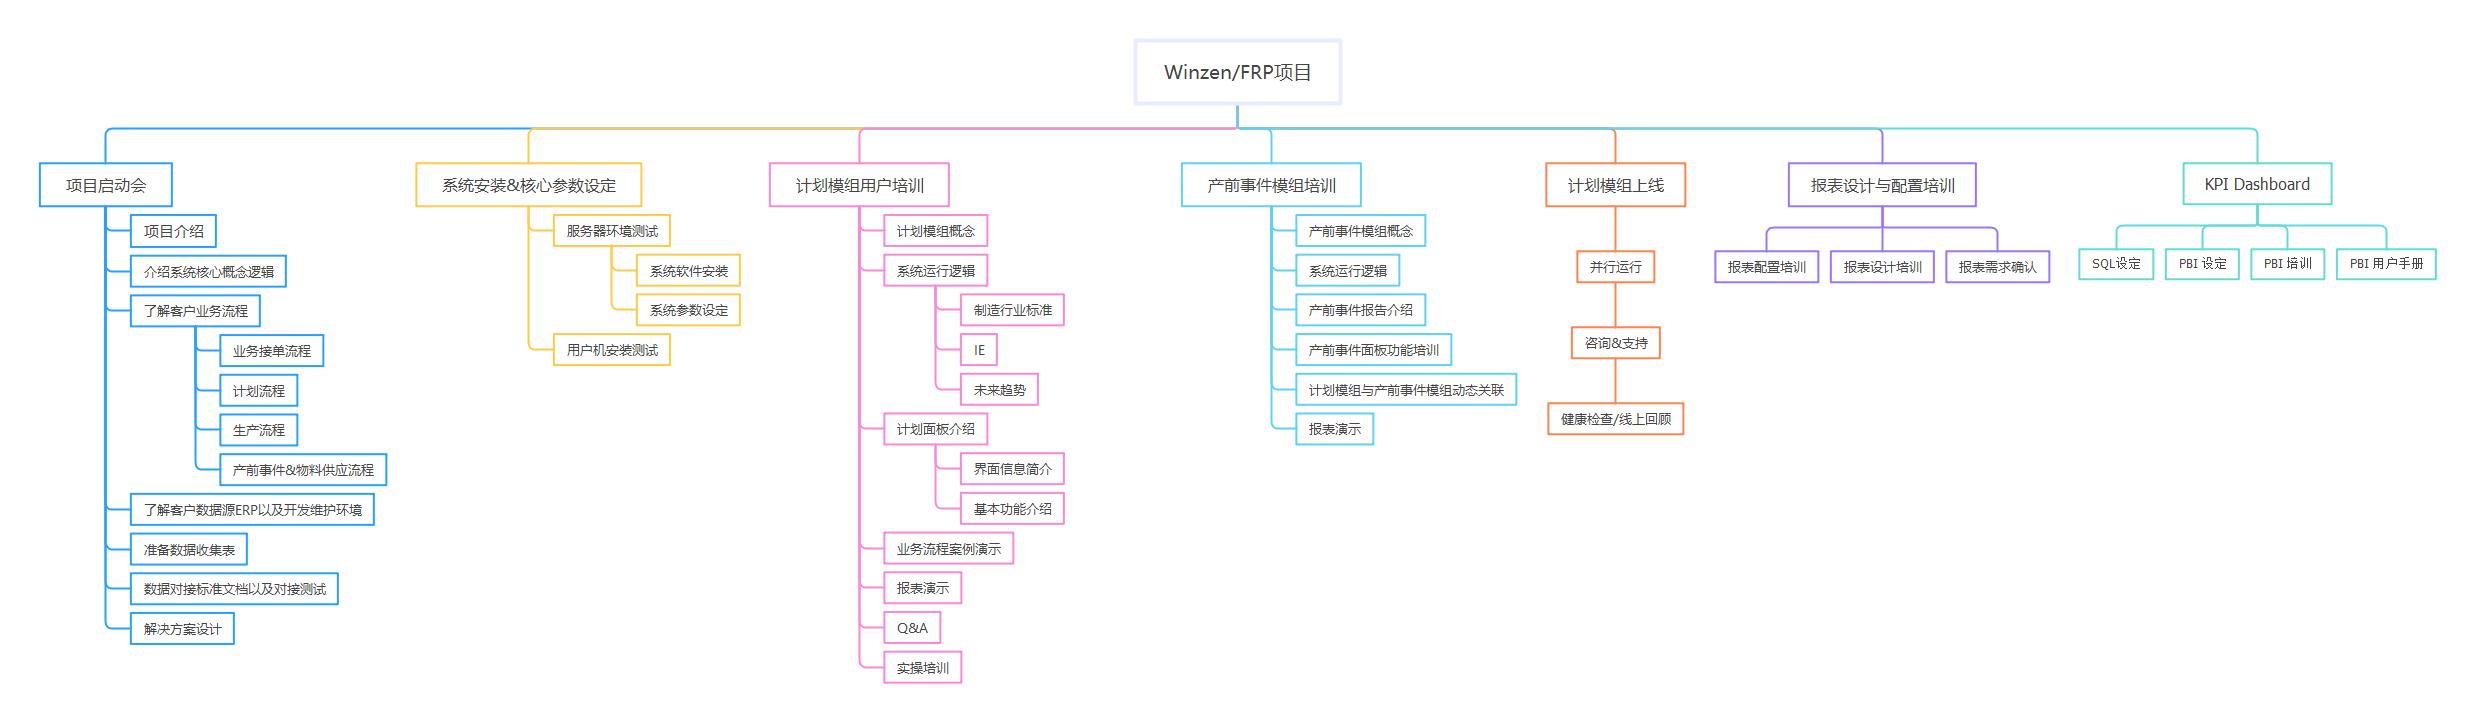 Winzen、FRP项目